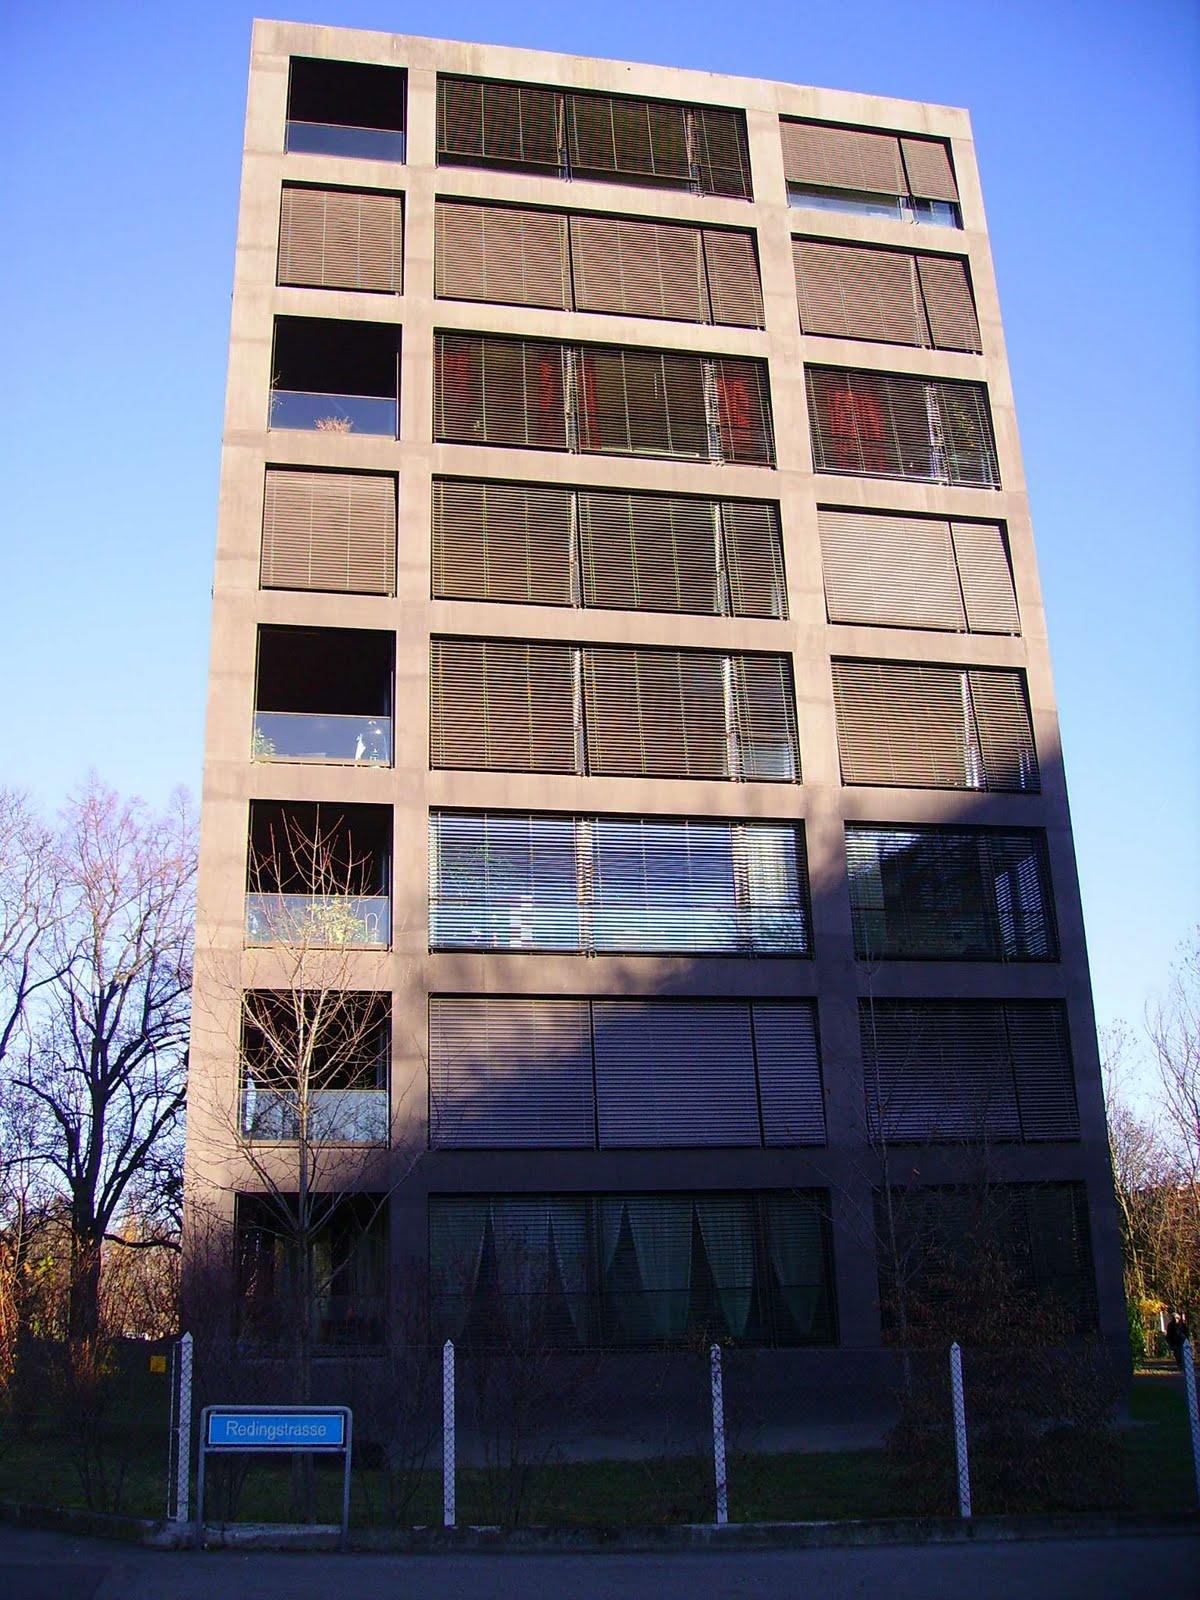 Fotos de arquitectura moderna e contemporanea housing for Arquitectura moderna